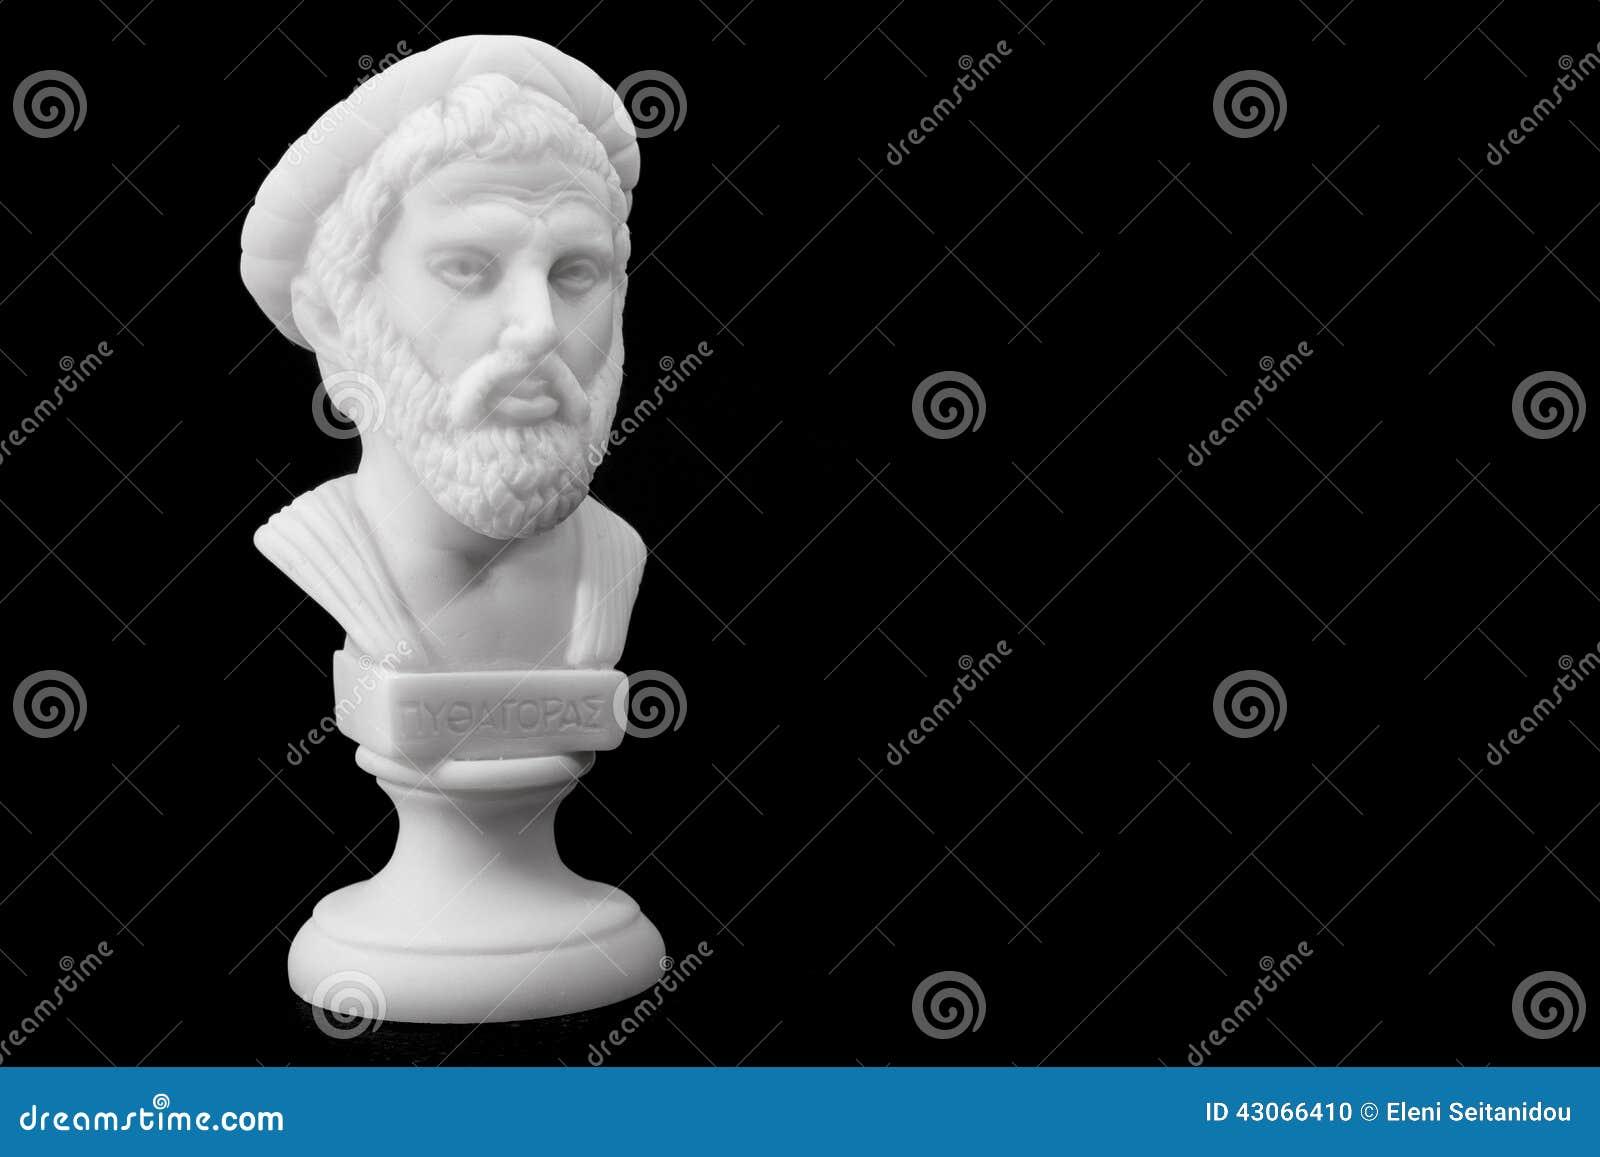 Philosophes du grec ancien